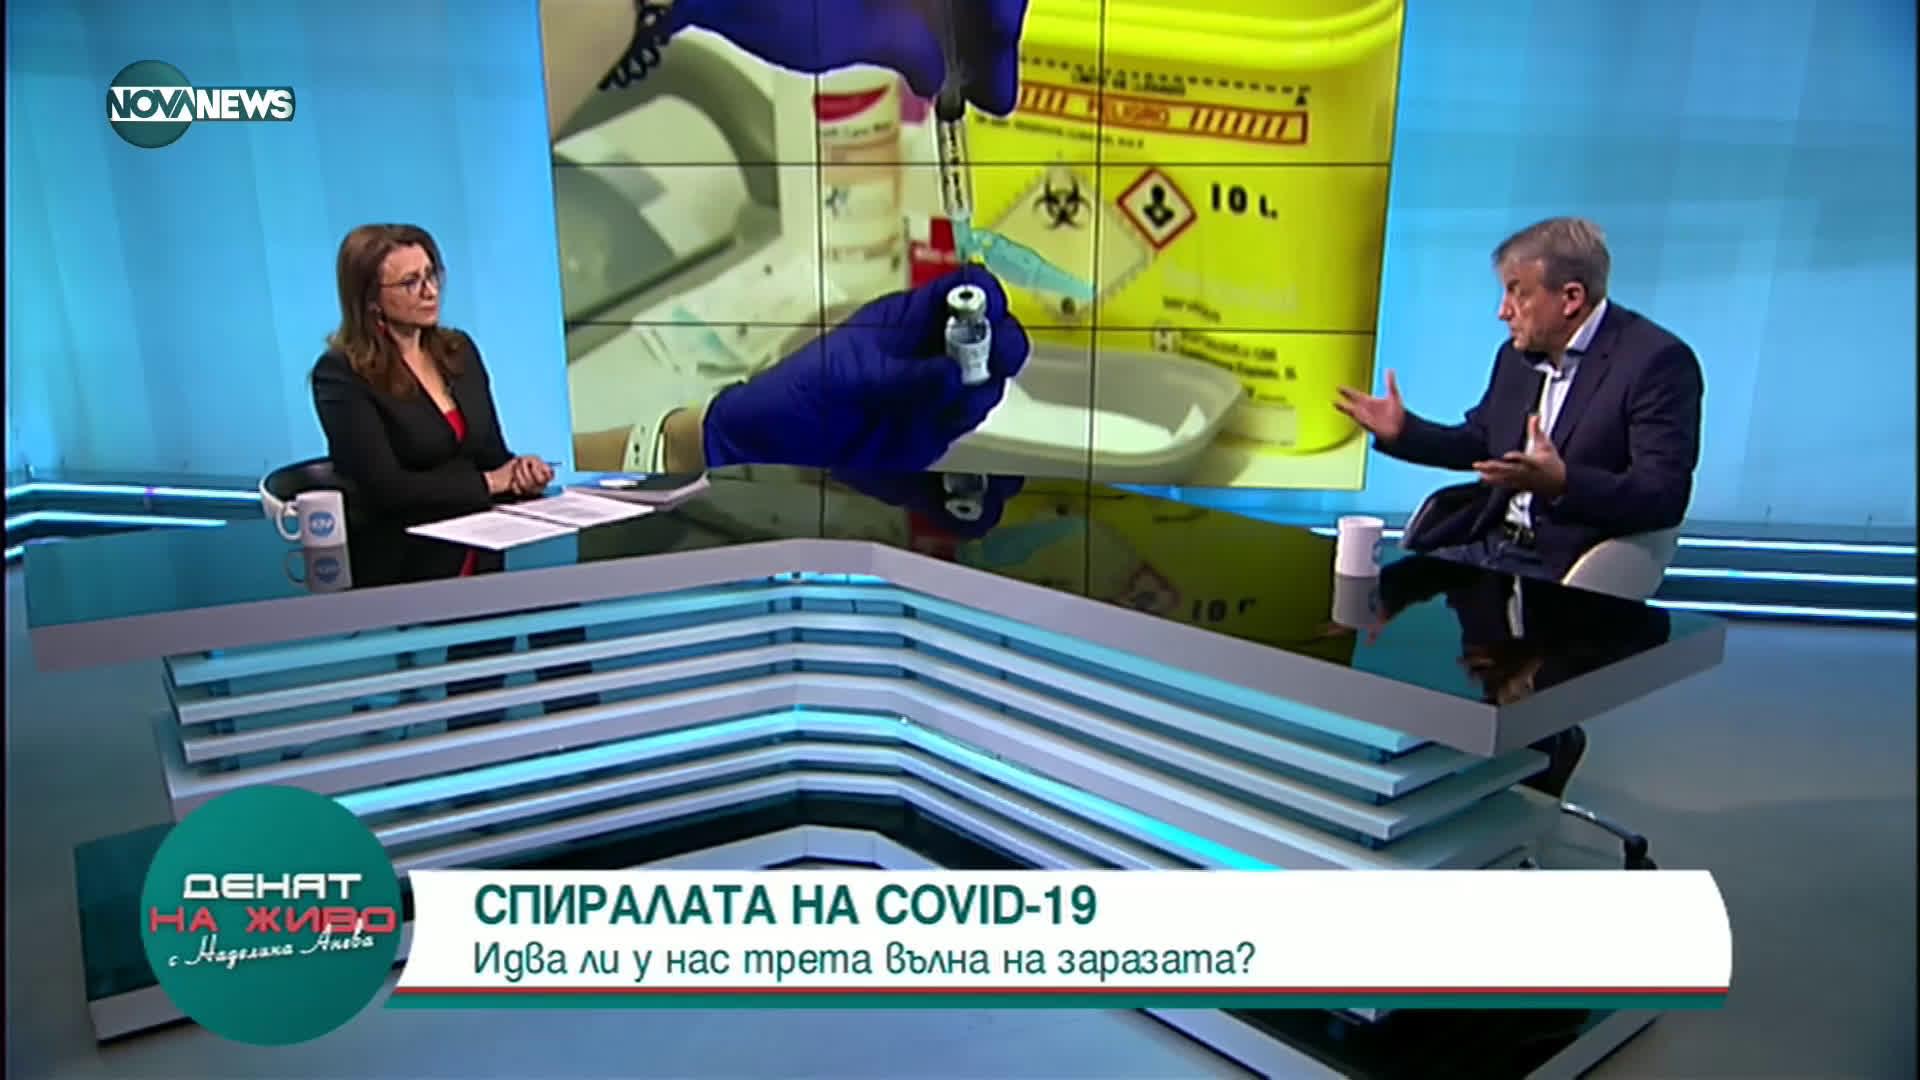 Проф. Костов: Ваксината предпазва на 100% от тежко протичане на болестта